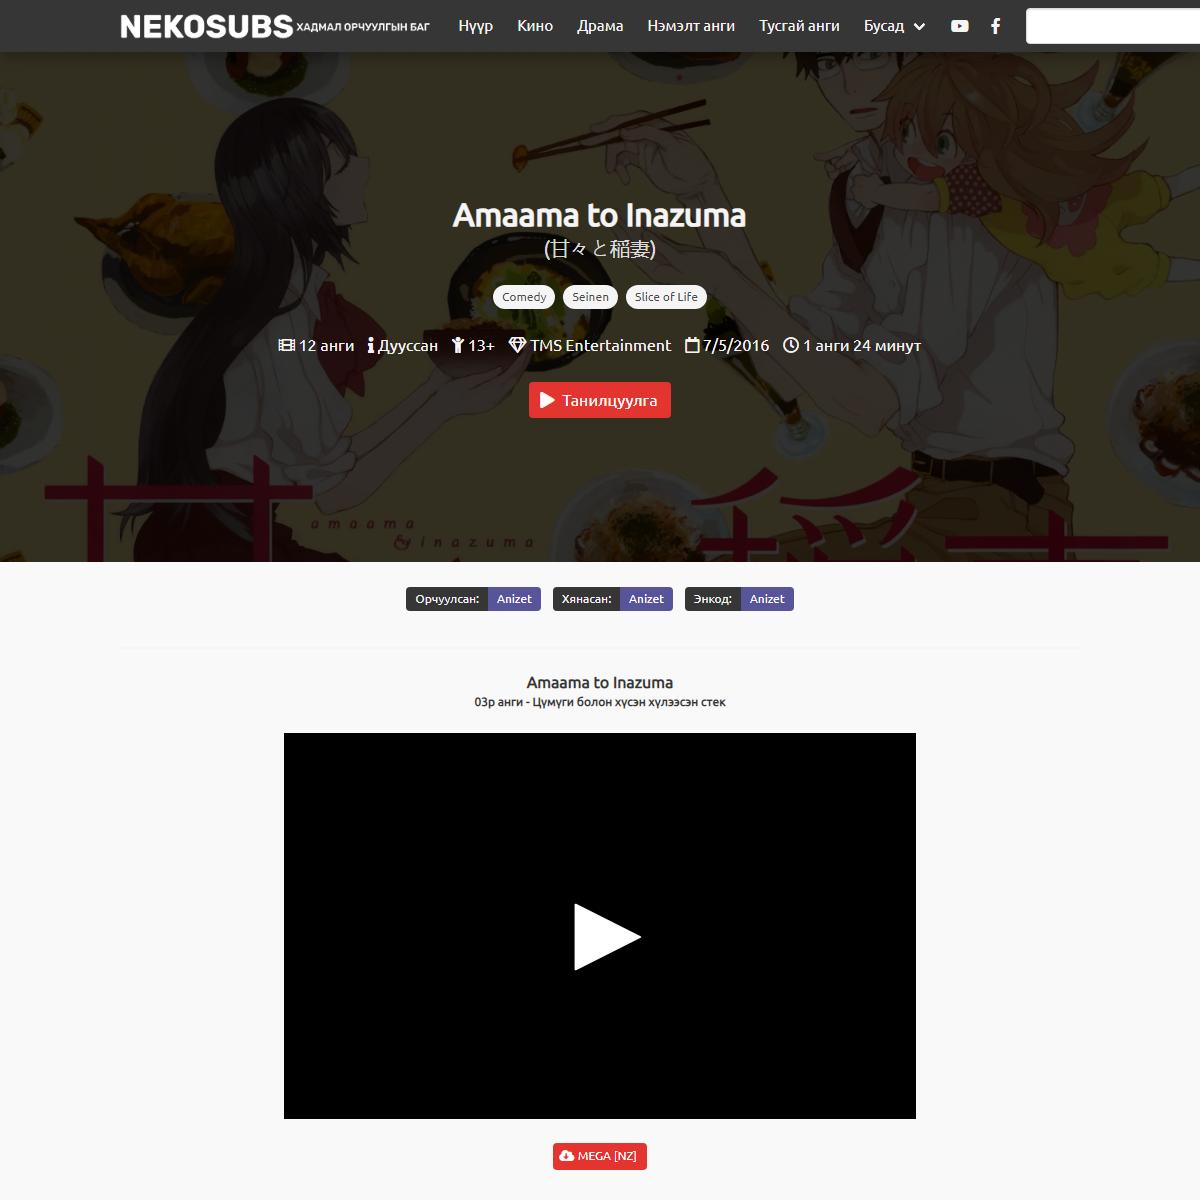 Amaama to Inazuma (Sweetness & Lightning) - Nekosubs.net